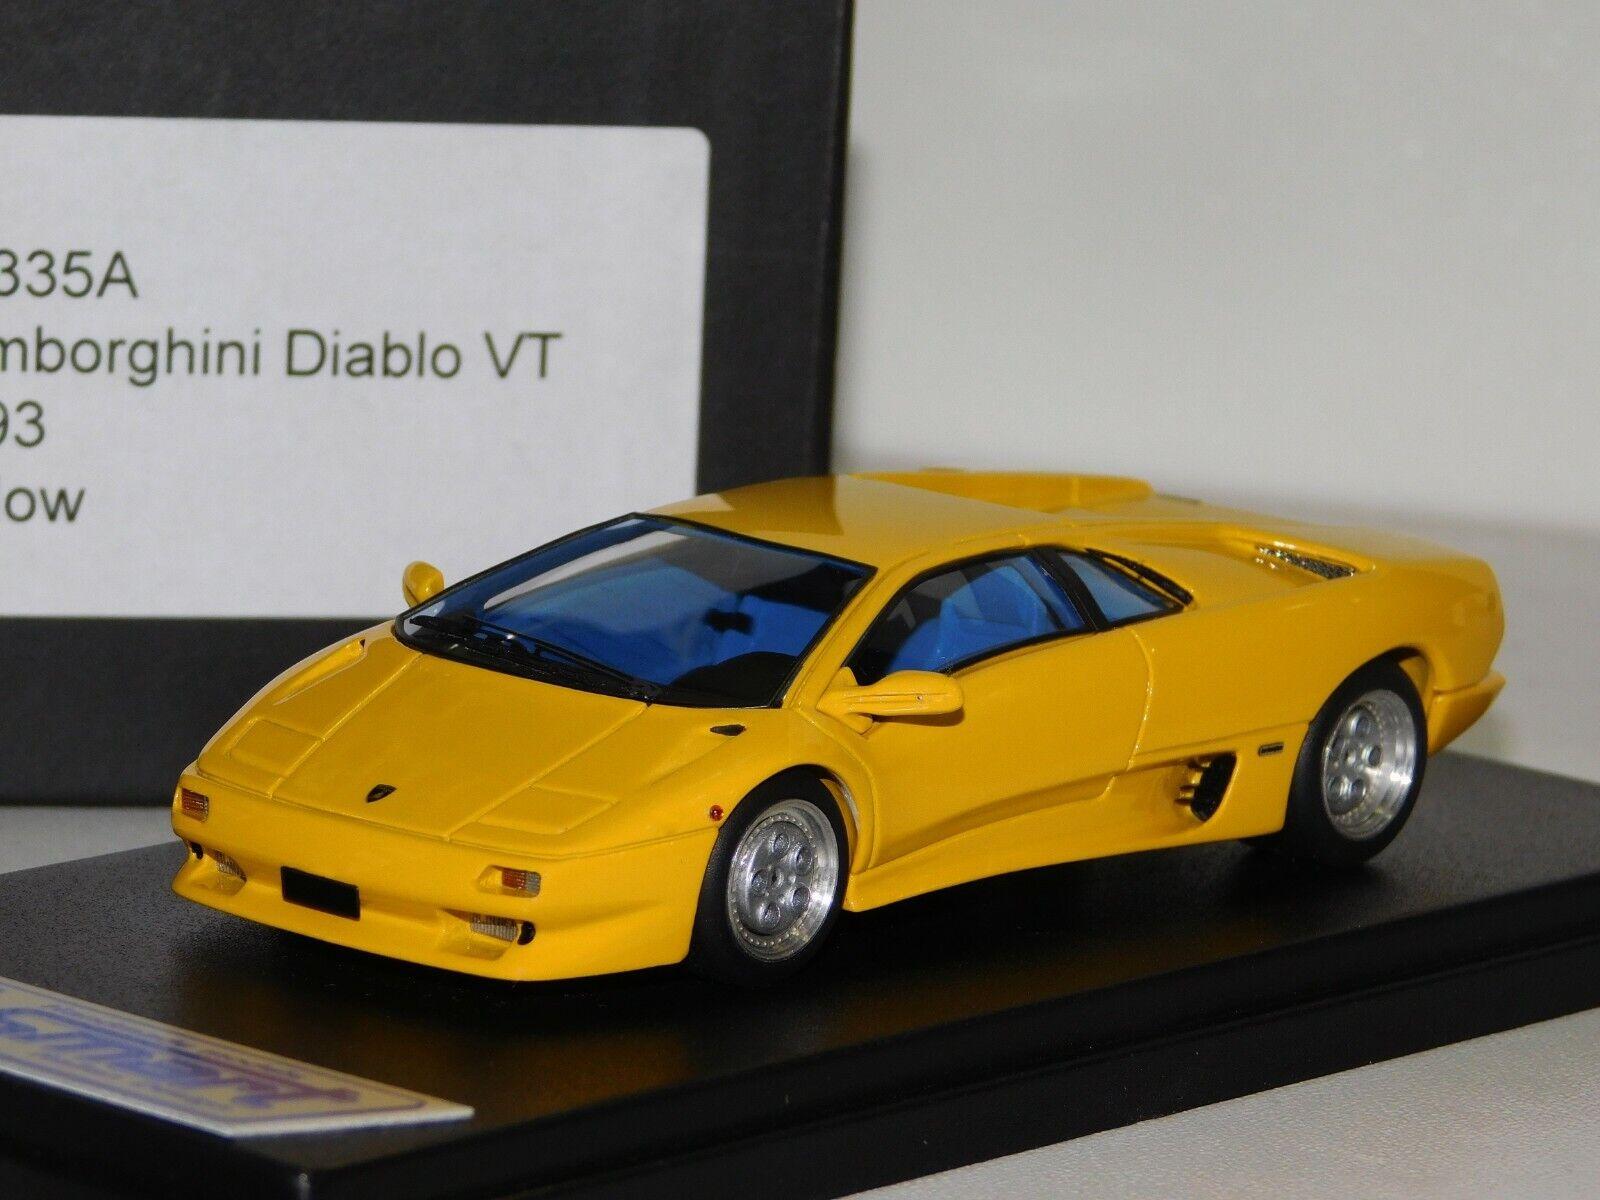 Lamborghini Diablo VT 1993 jaune LOOKintelligent LS335A 1  43  jusqu'à 42% de réduction